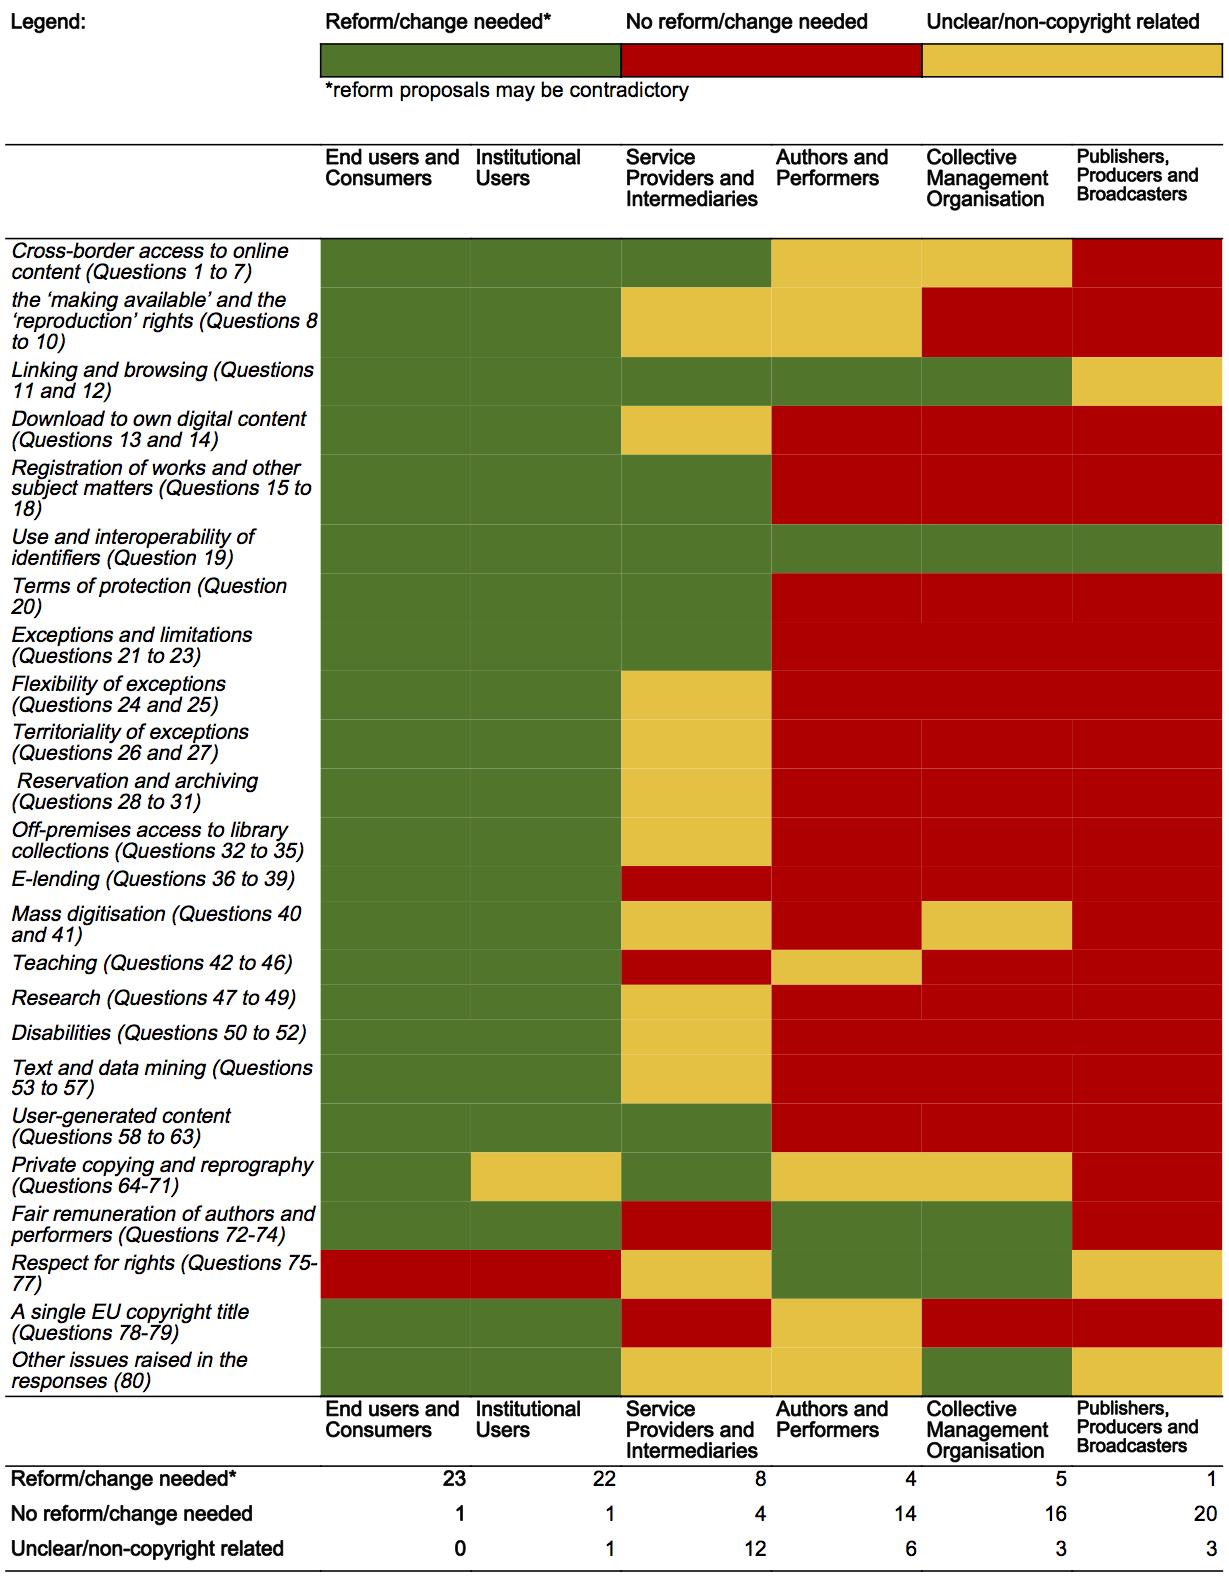 dettaglio sulle posizioni dei vari gruppi partecipanti alla consultazione